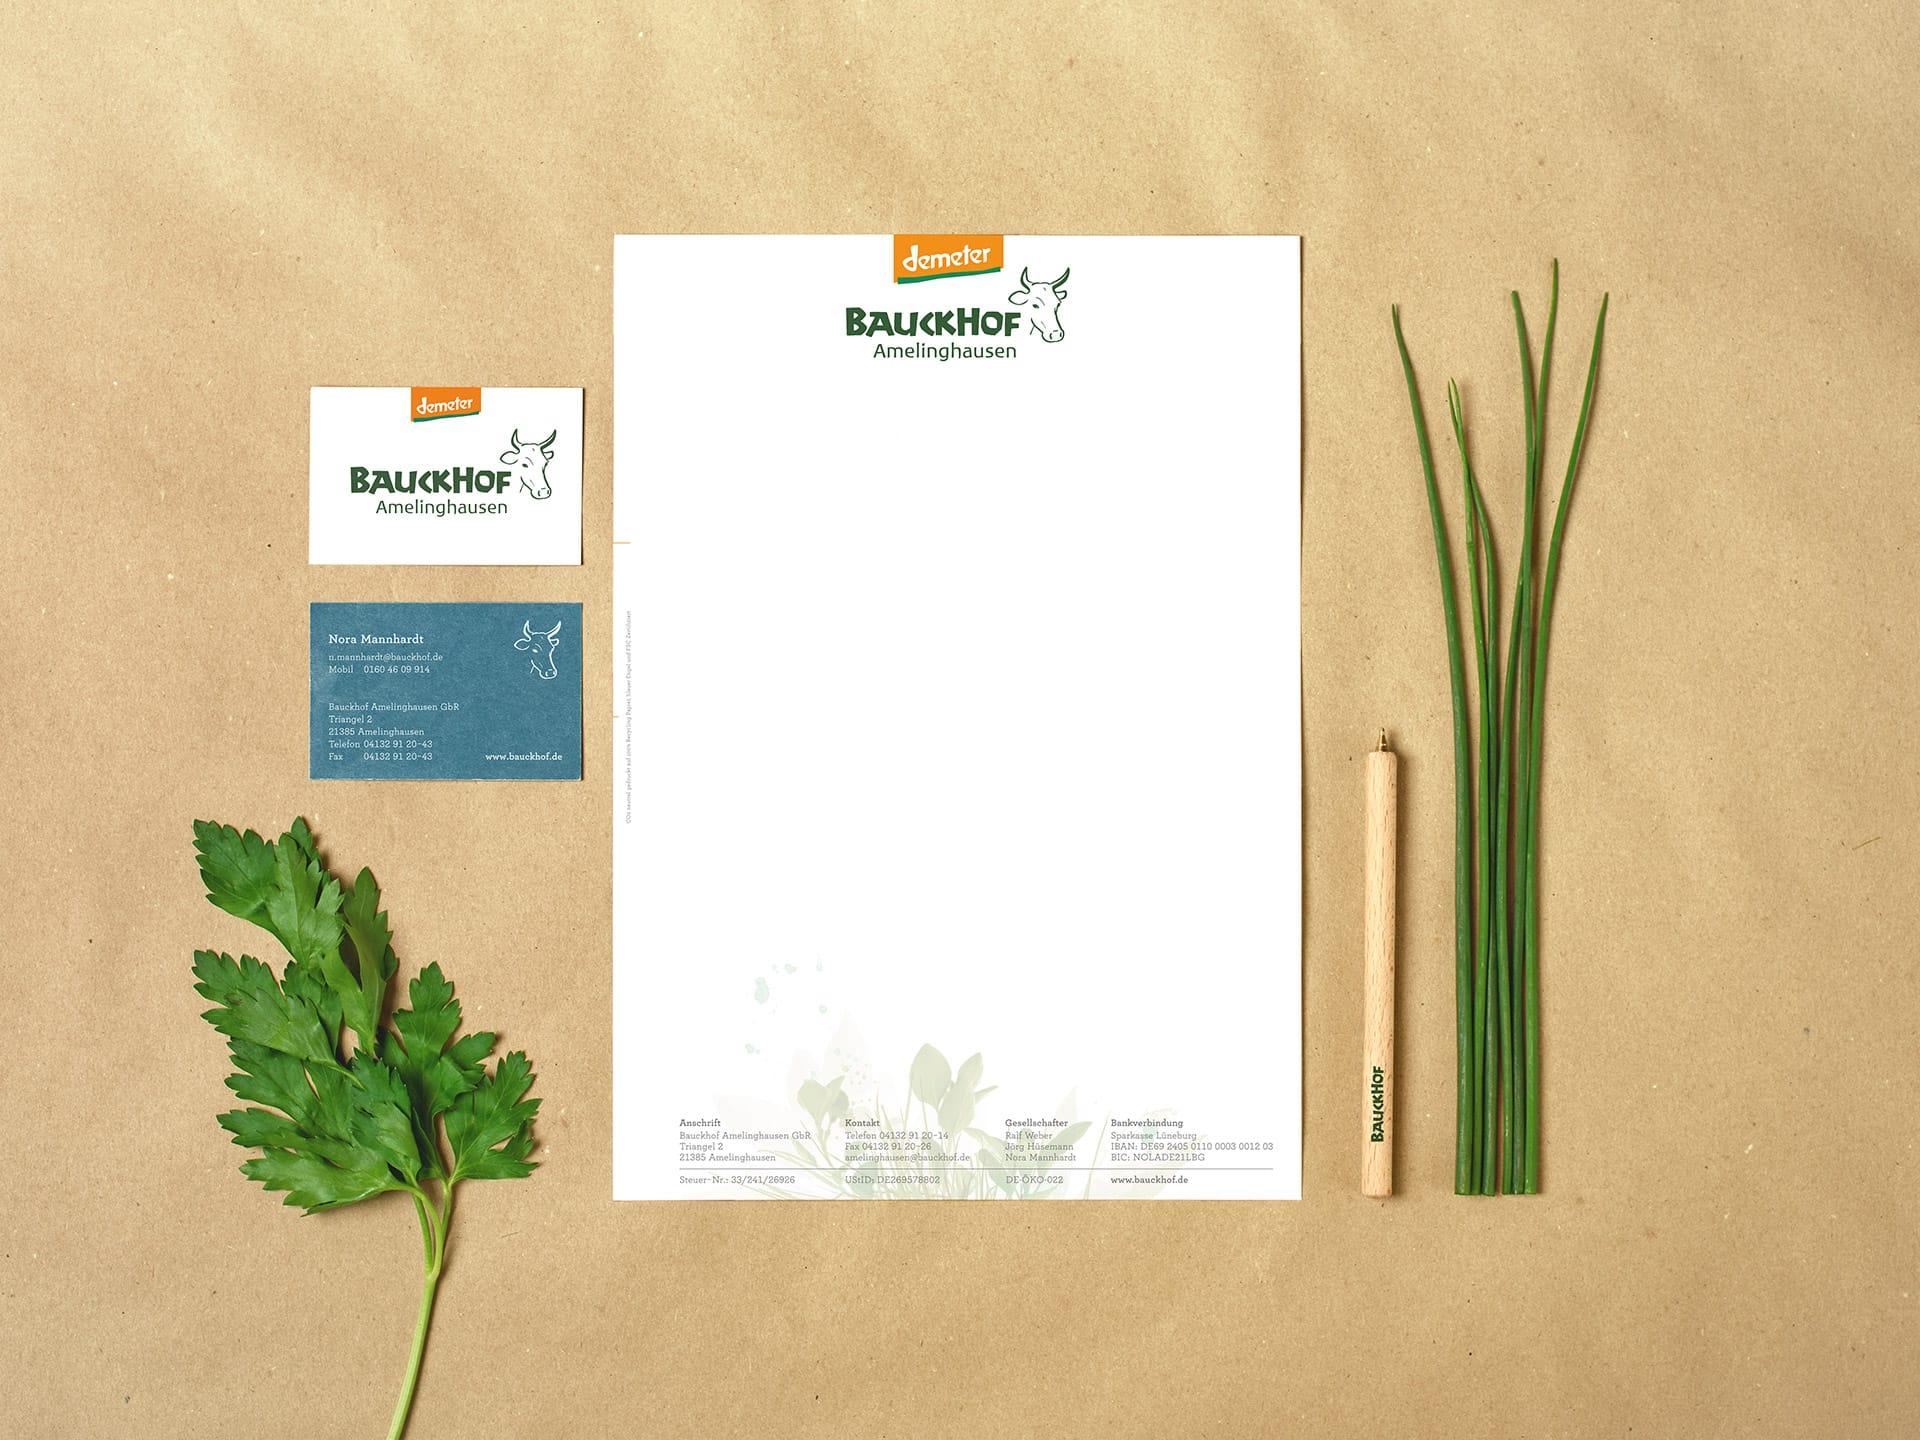 Design Briefpapier, Visitenkarten, Kugelschreiber Bauckhof Demeter von Redeleit und Junker Kommunikationsdesign Print